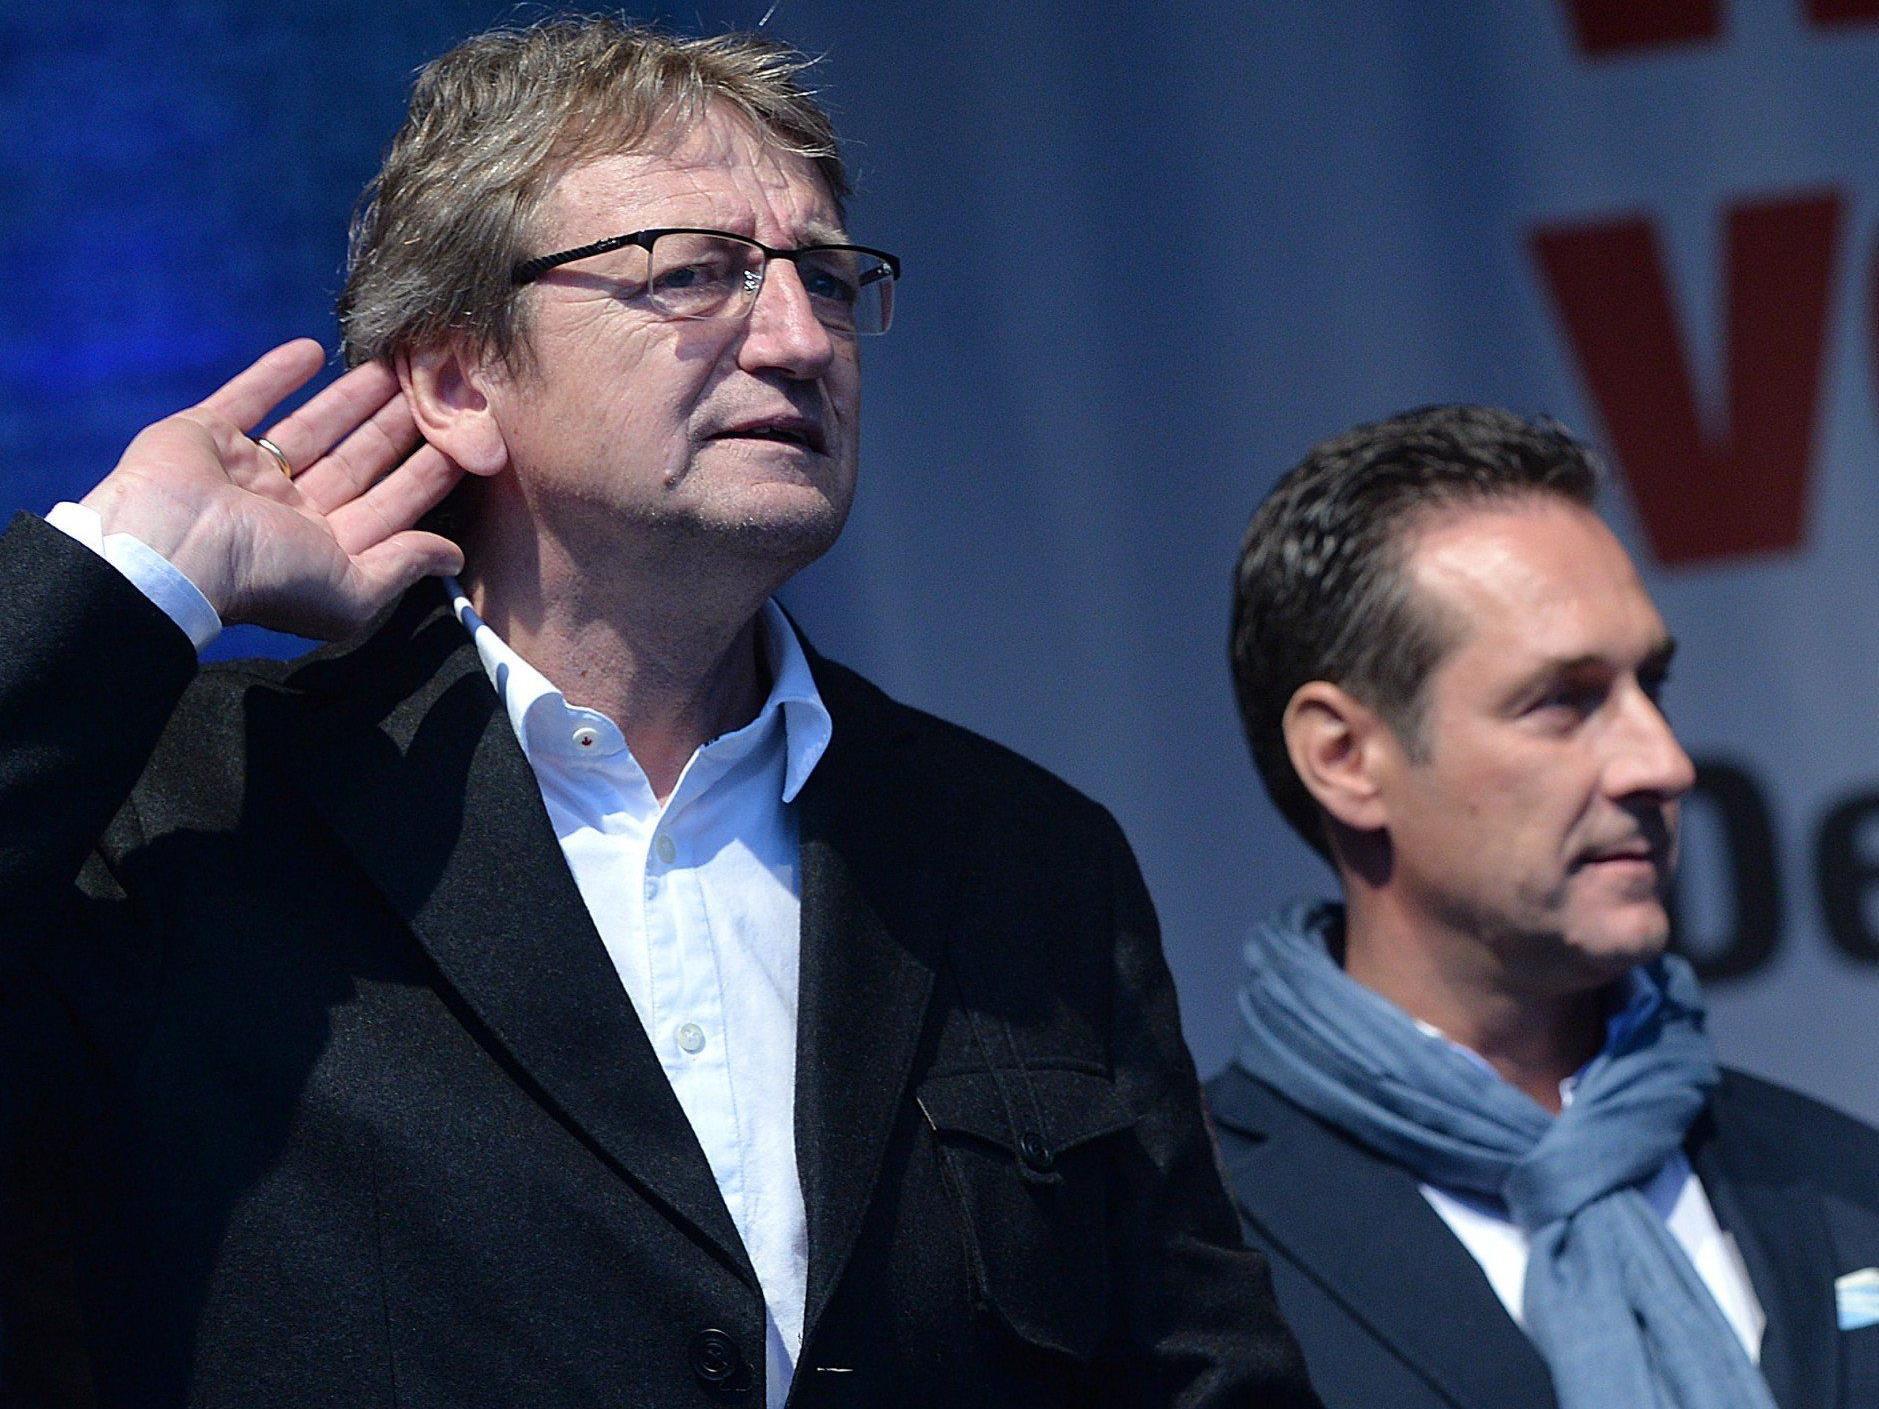 Salzburg-Wahl: FPÖ kritisiert SPÖ, ÖVP und Team Stronach